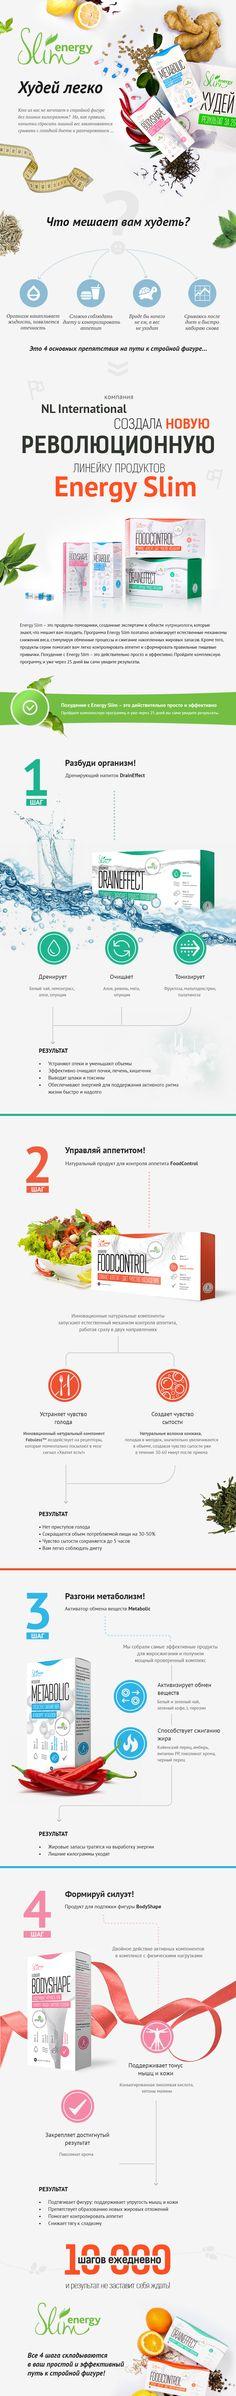 Презентация Energy Slim - Продукты для похудения - Магазин - Официальный интернет-магазин NL International